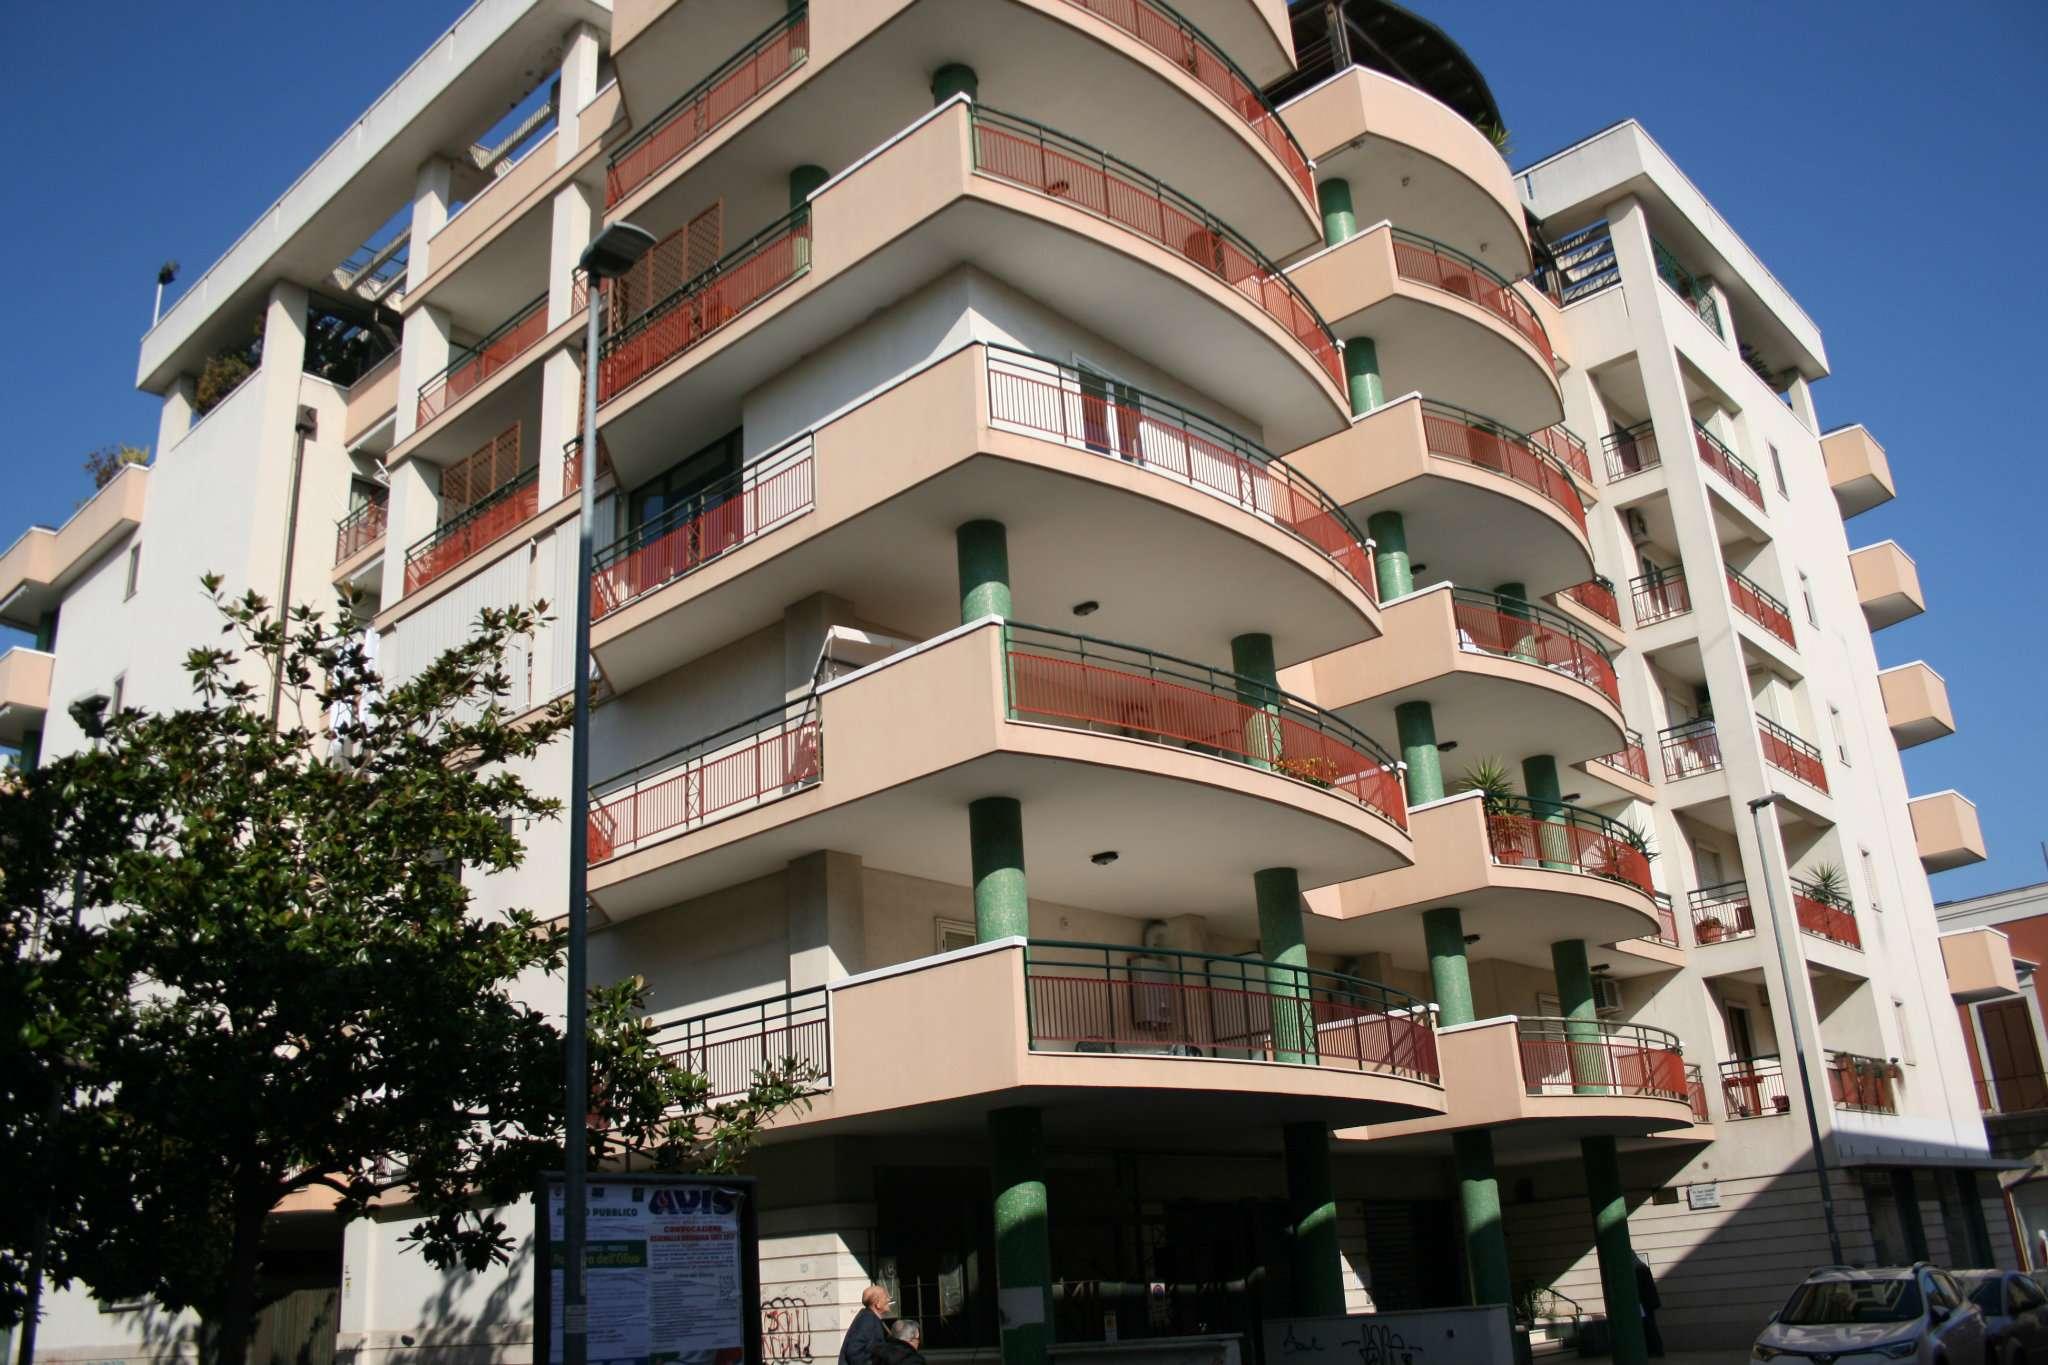 Appartamento in vendita a Bisceglie, 6 locali, prezzo € 320.000 | Cambio Casa.it